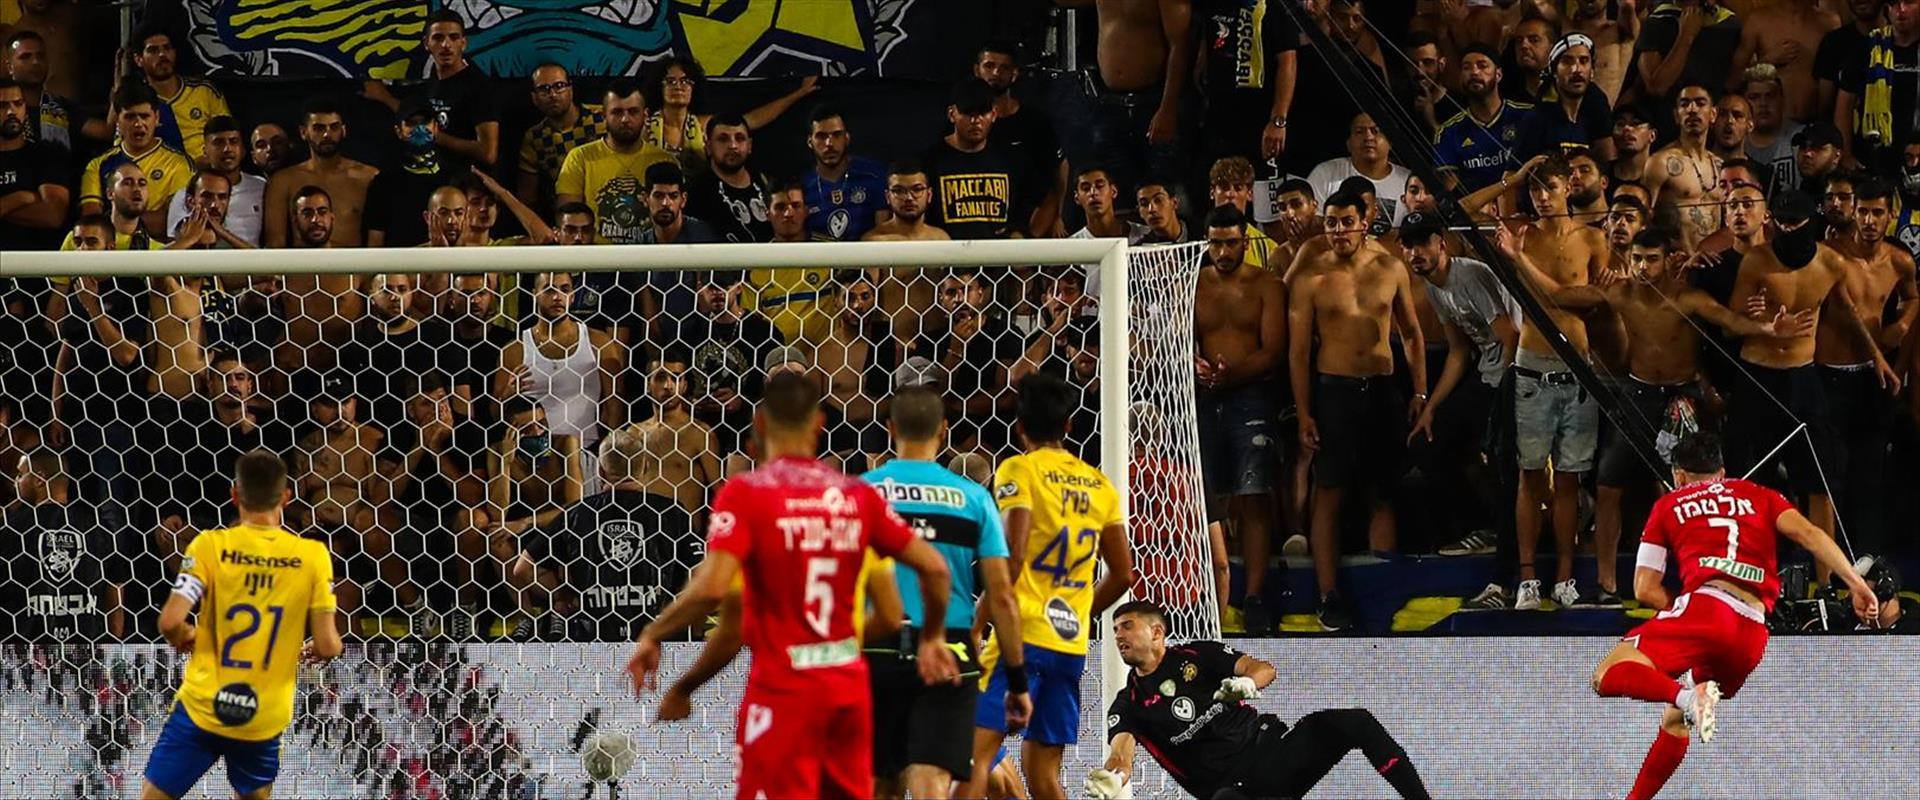 גמר גביע המדינה בכדורגל, 2.6.2021